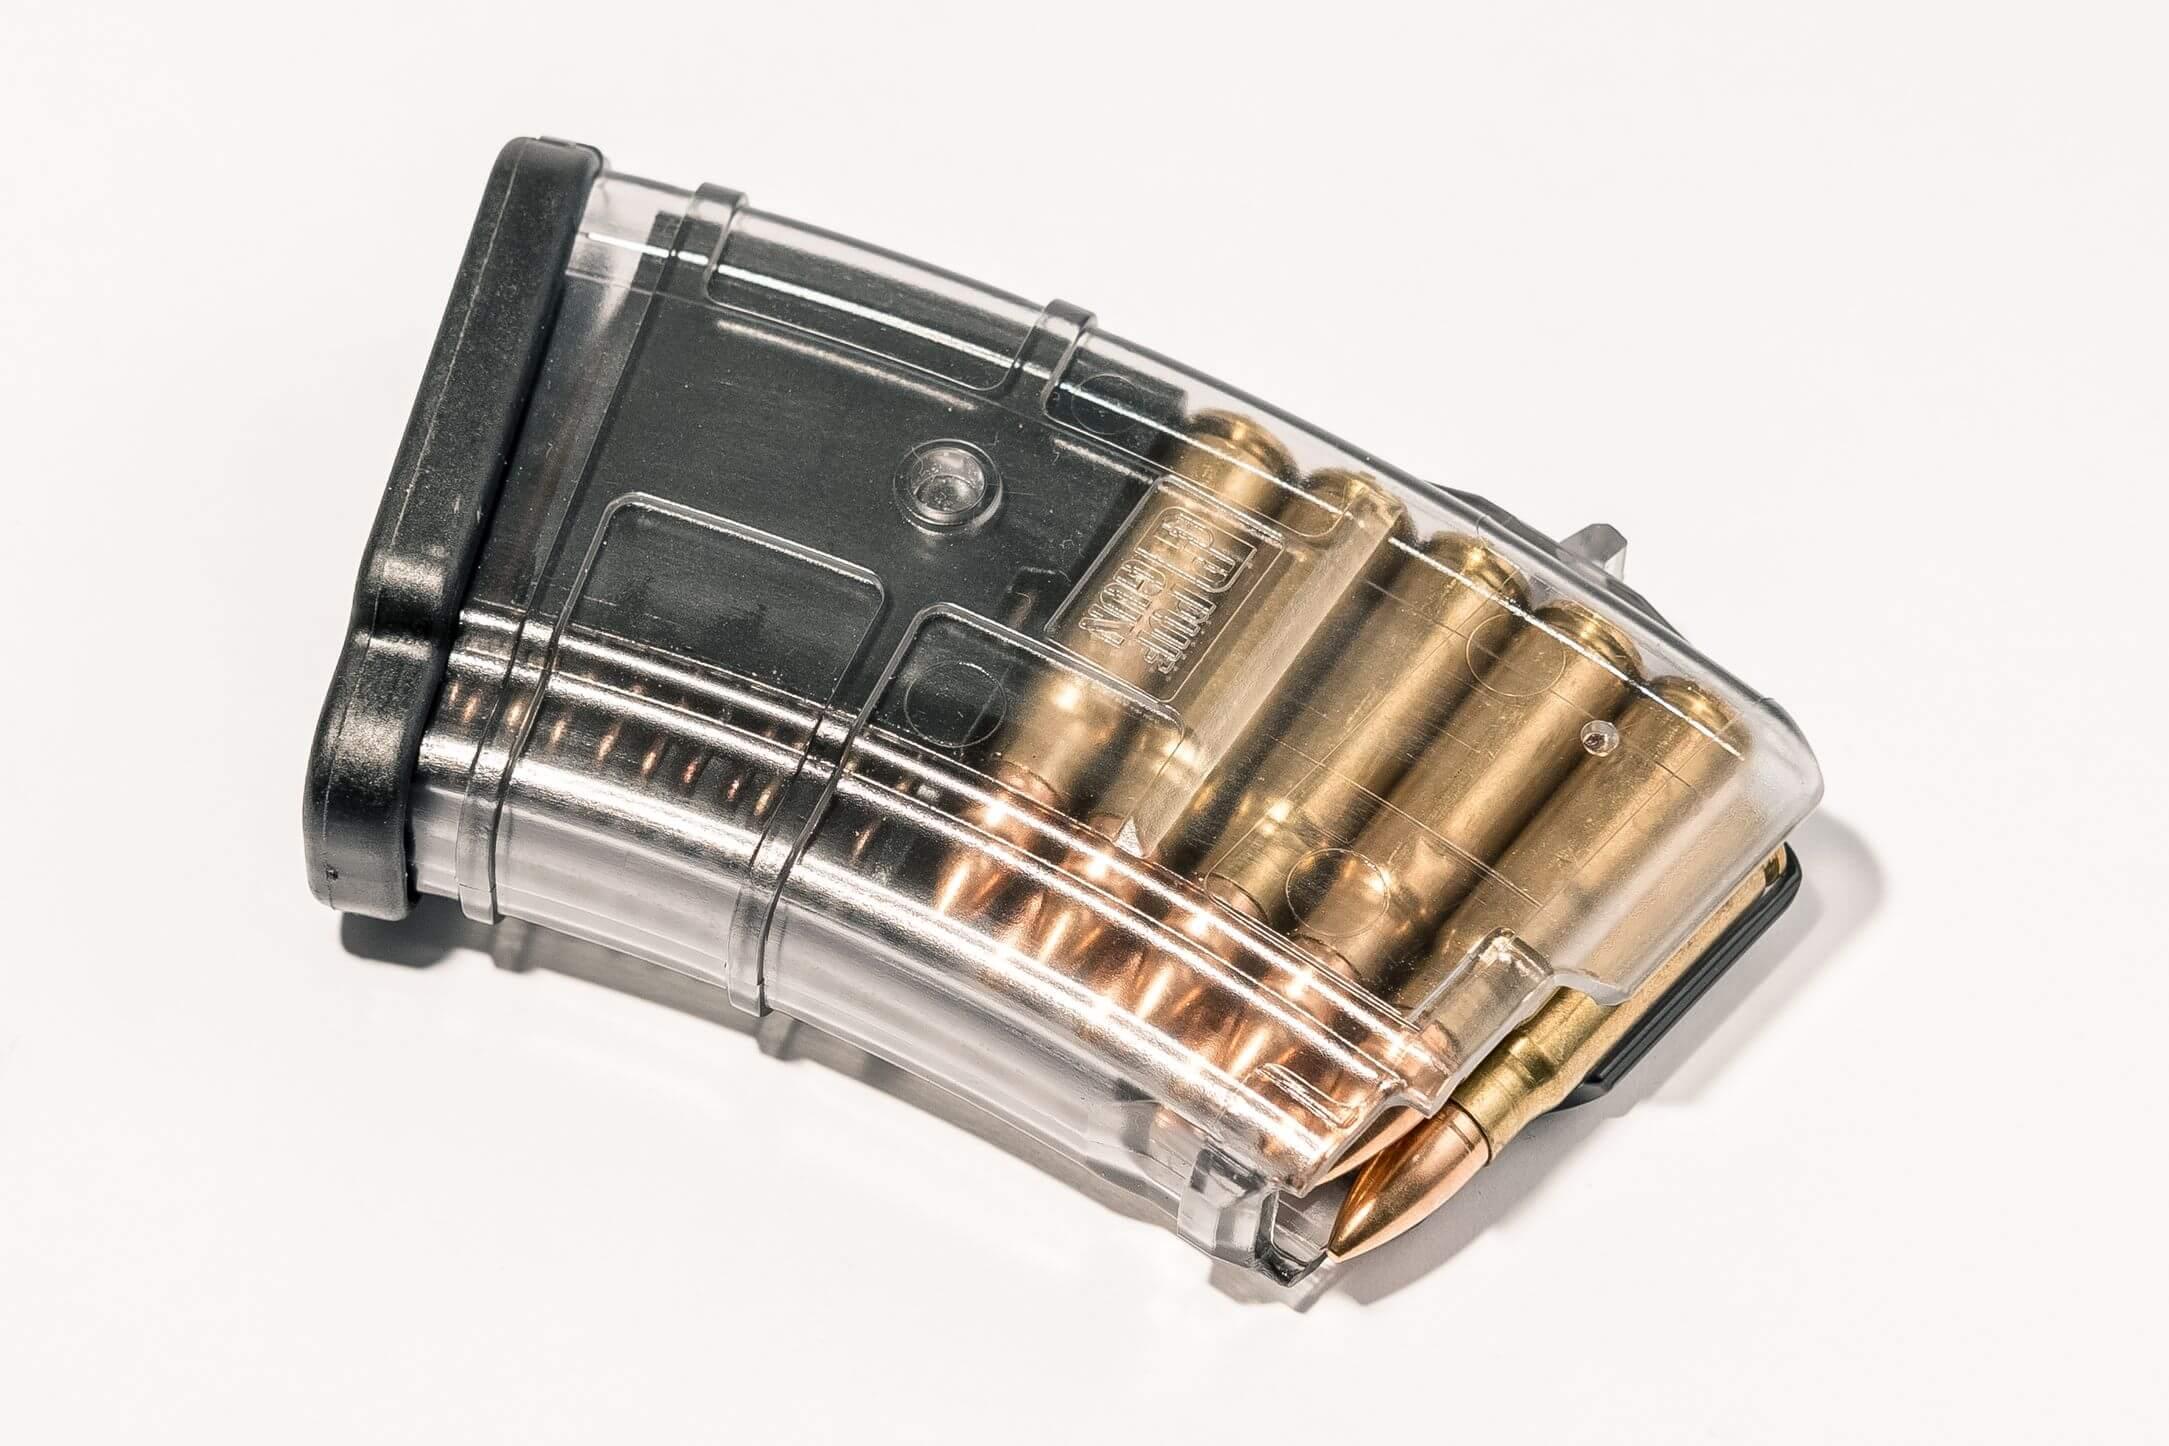 PUF GUN CARICATORE TRASPARENTE AK/SAIGA CAL 7.62X39 10 RND